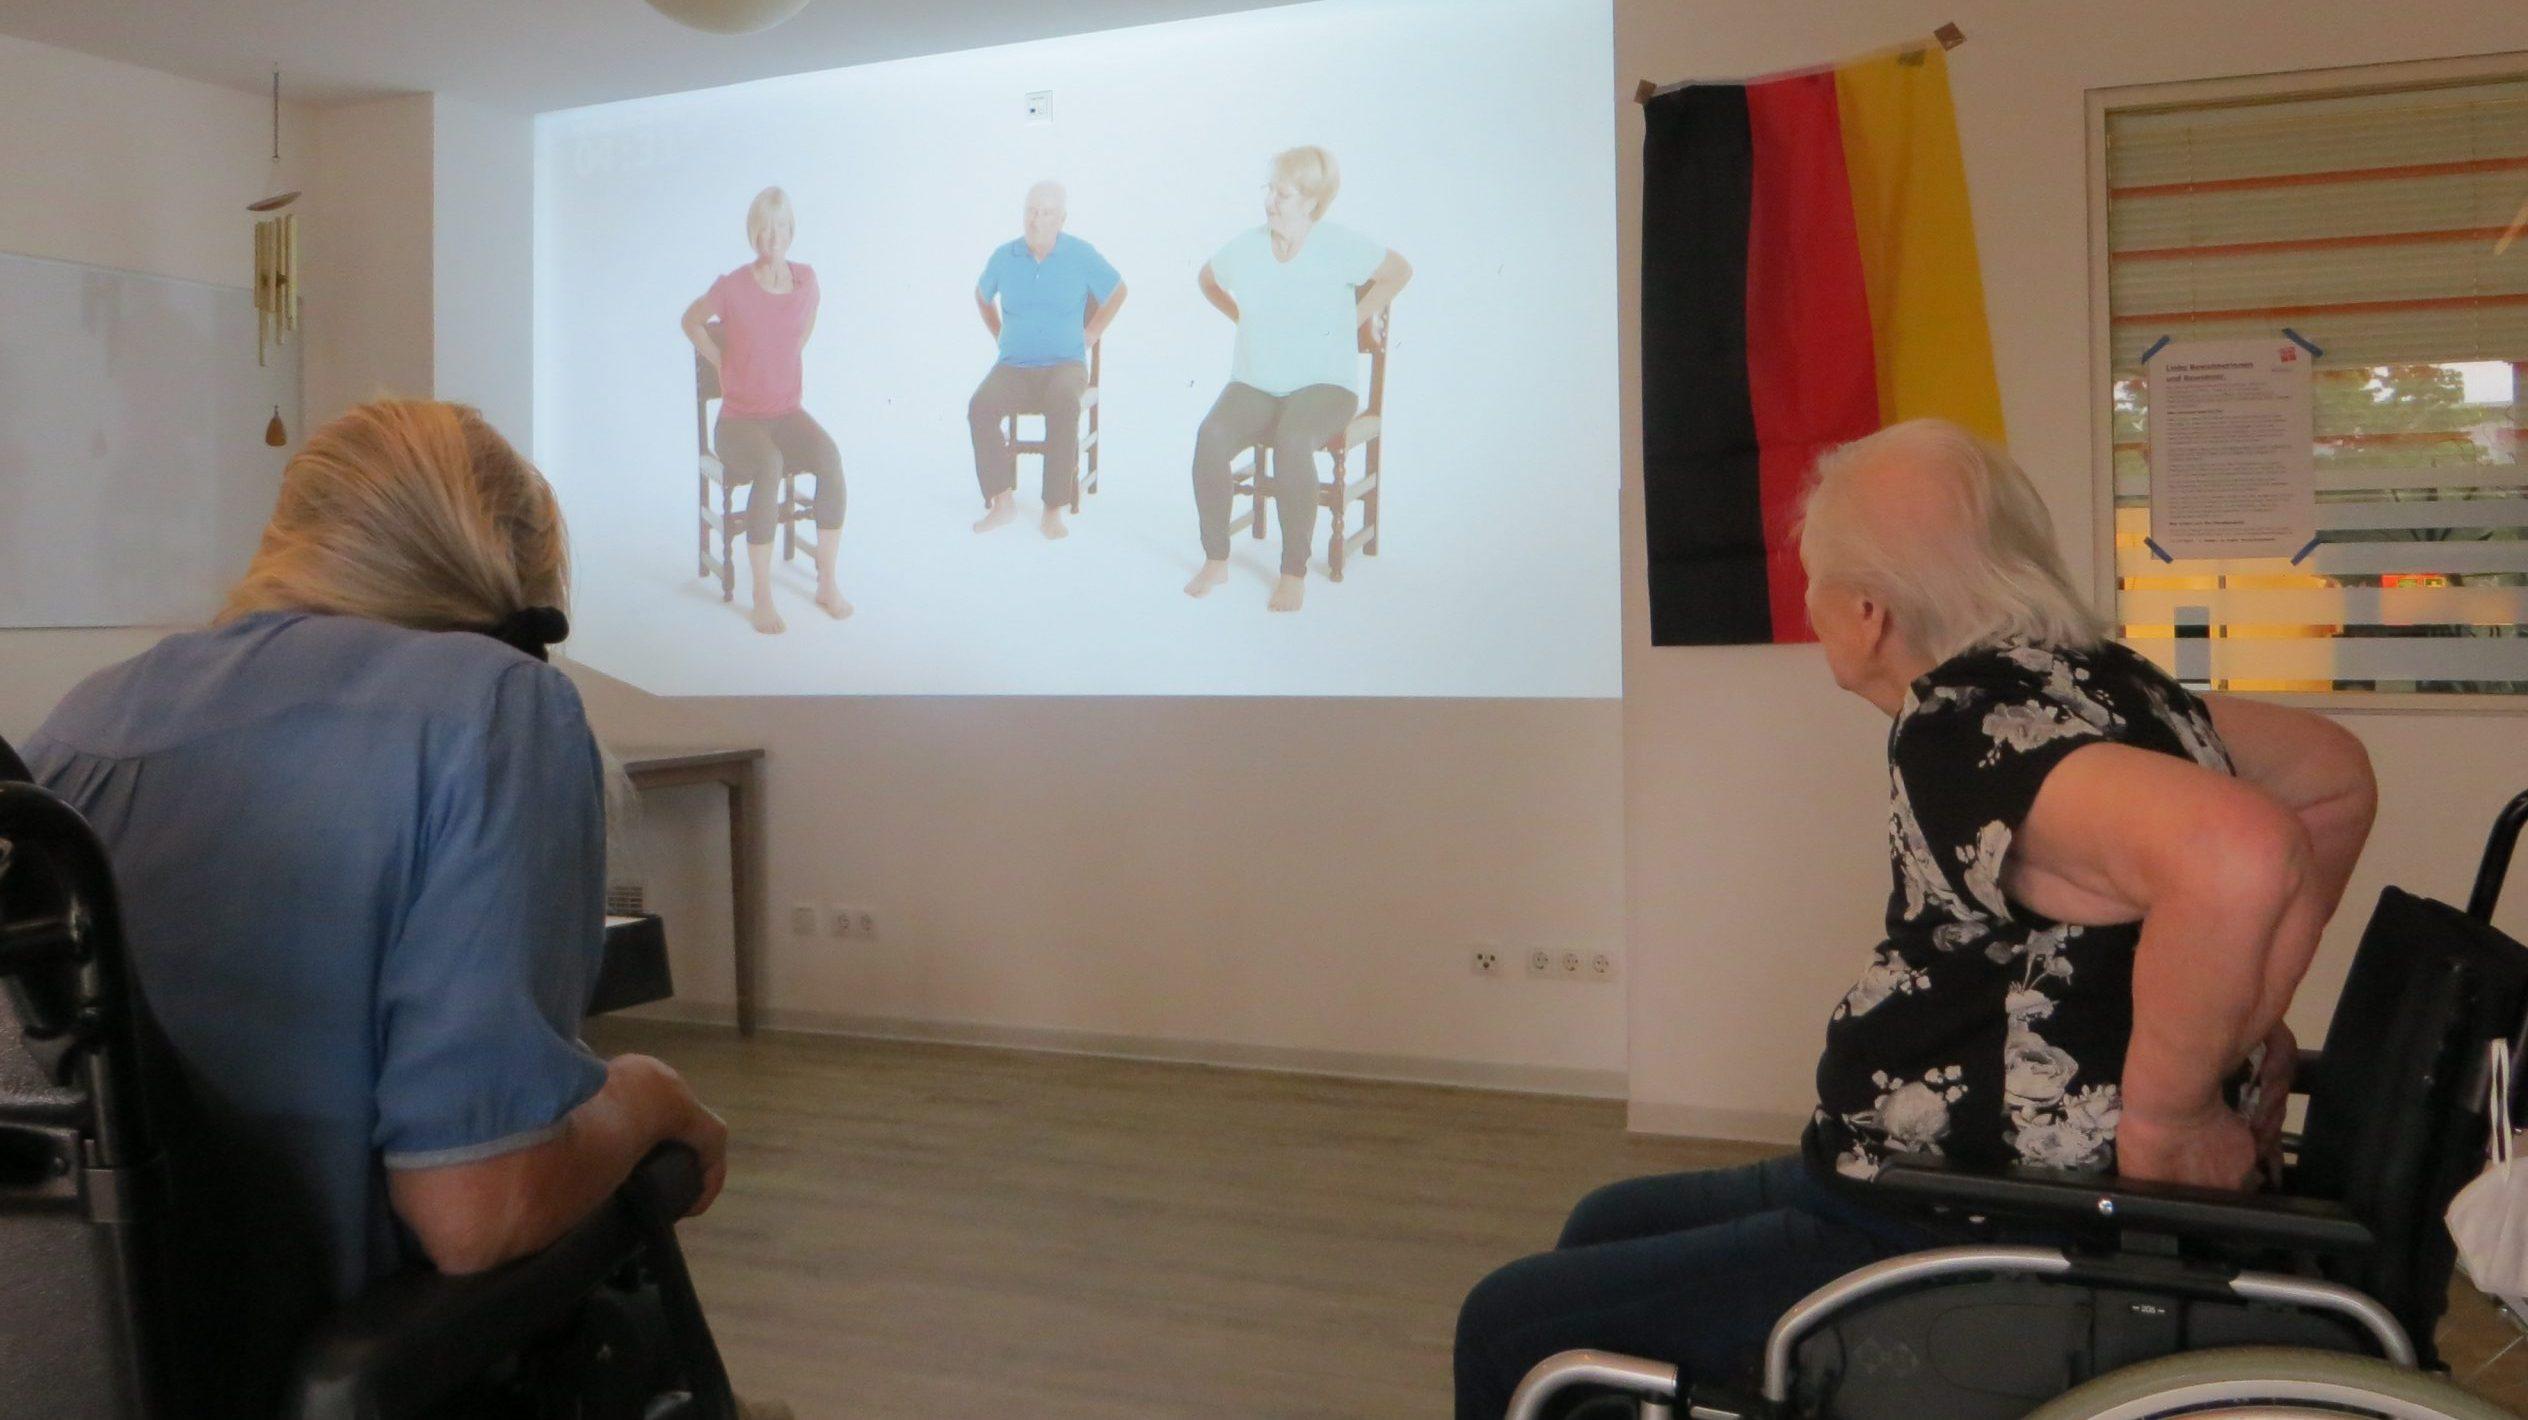 9500-Euro-Spende: Diakonie Michaelshoven kann zwei audiovisuelle Projektoren für Menschen mit Demenz anschaffen